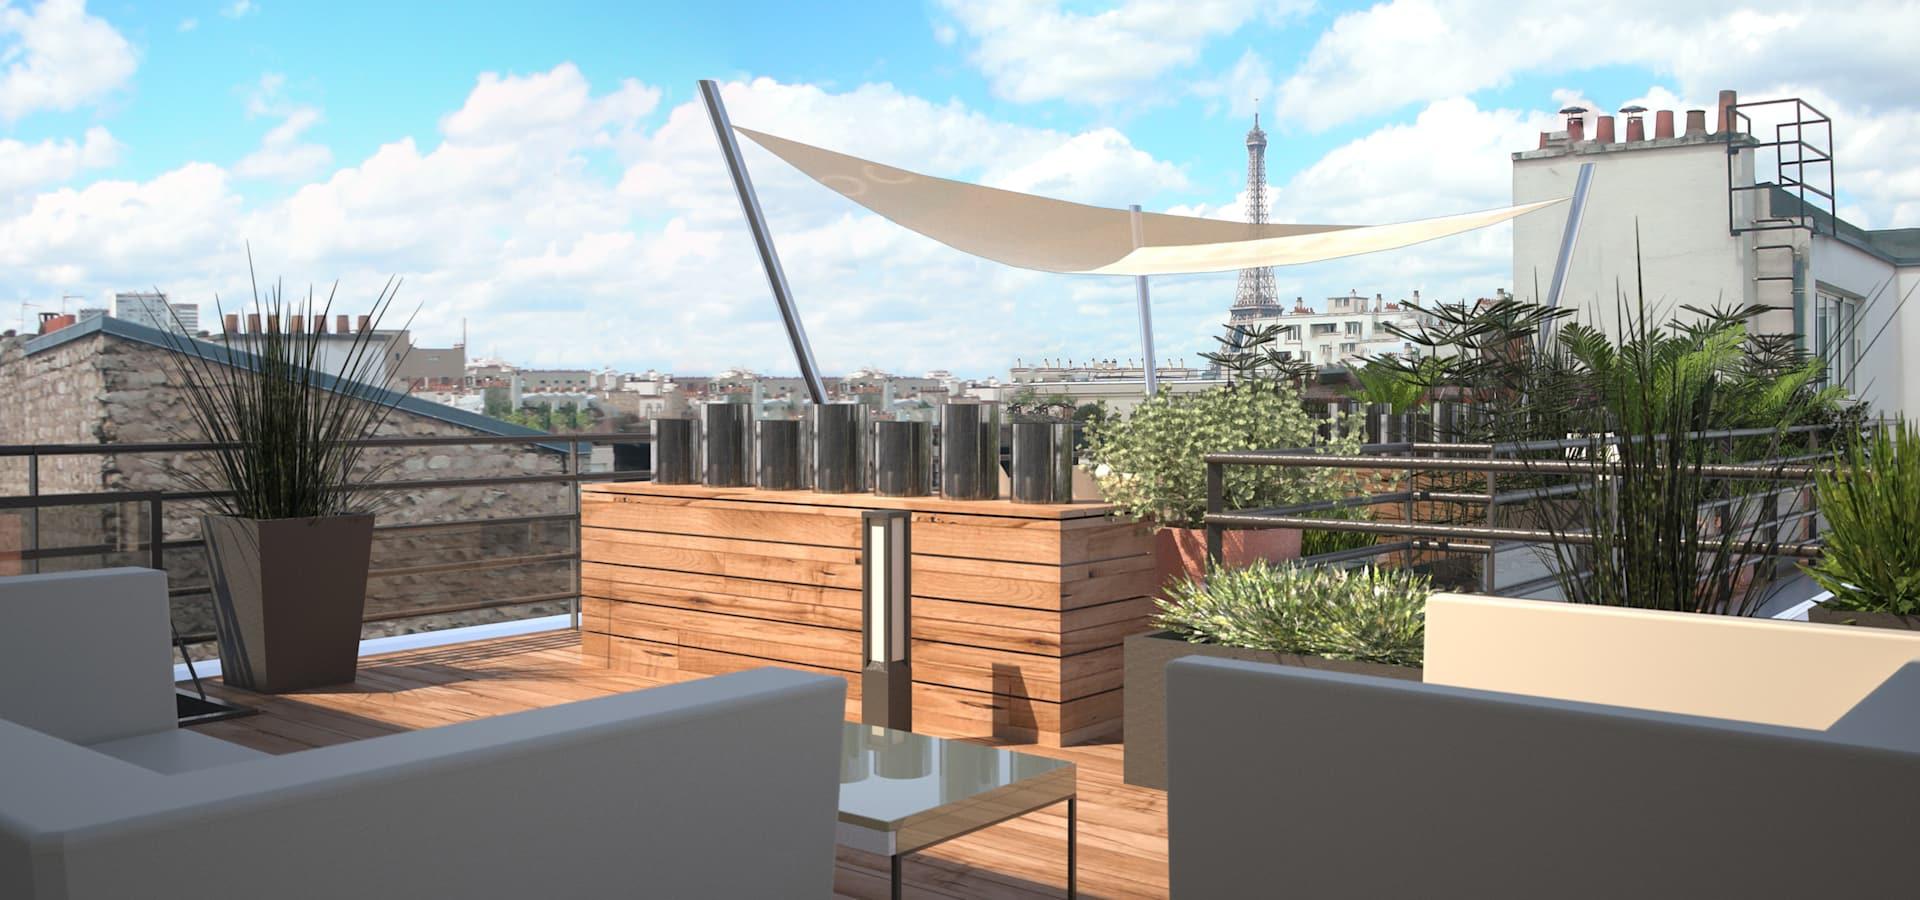 Rm Architecte: Aménagement D'un Toit-Terrasse À Paris | Homify dedans Amanagement De Terrasse